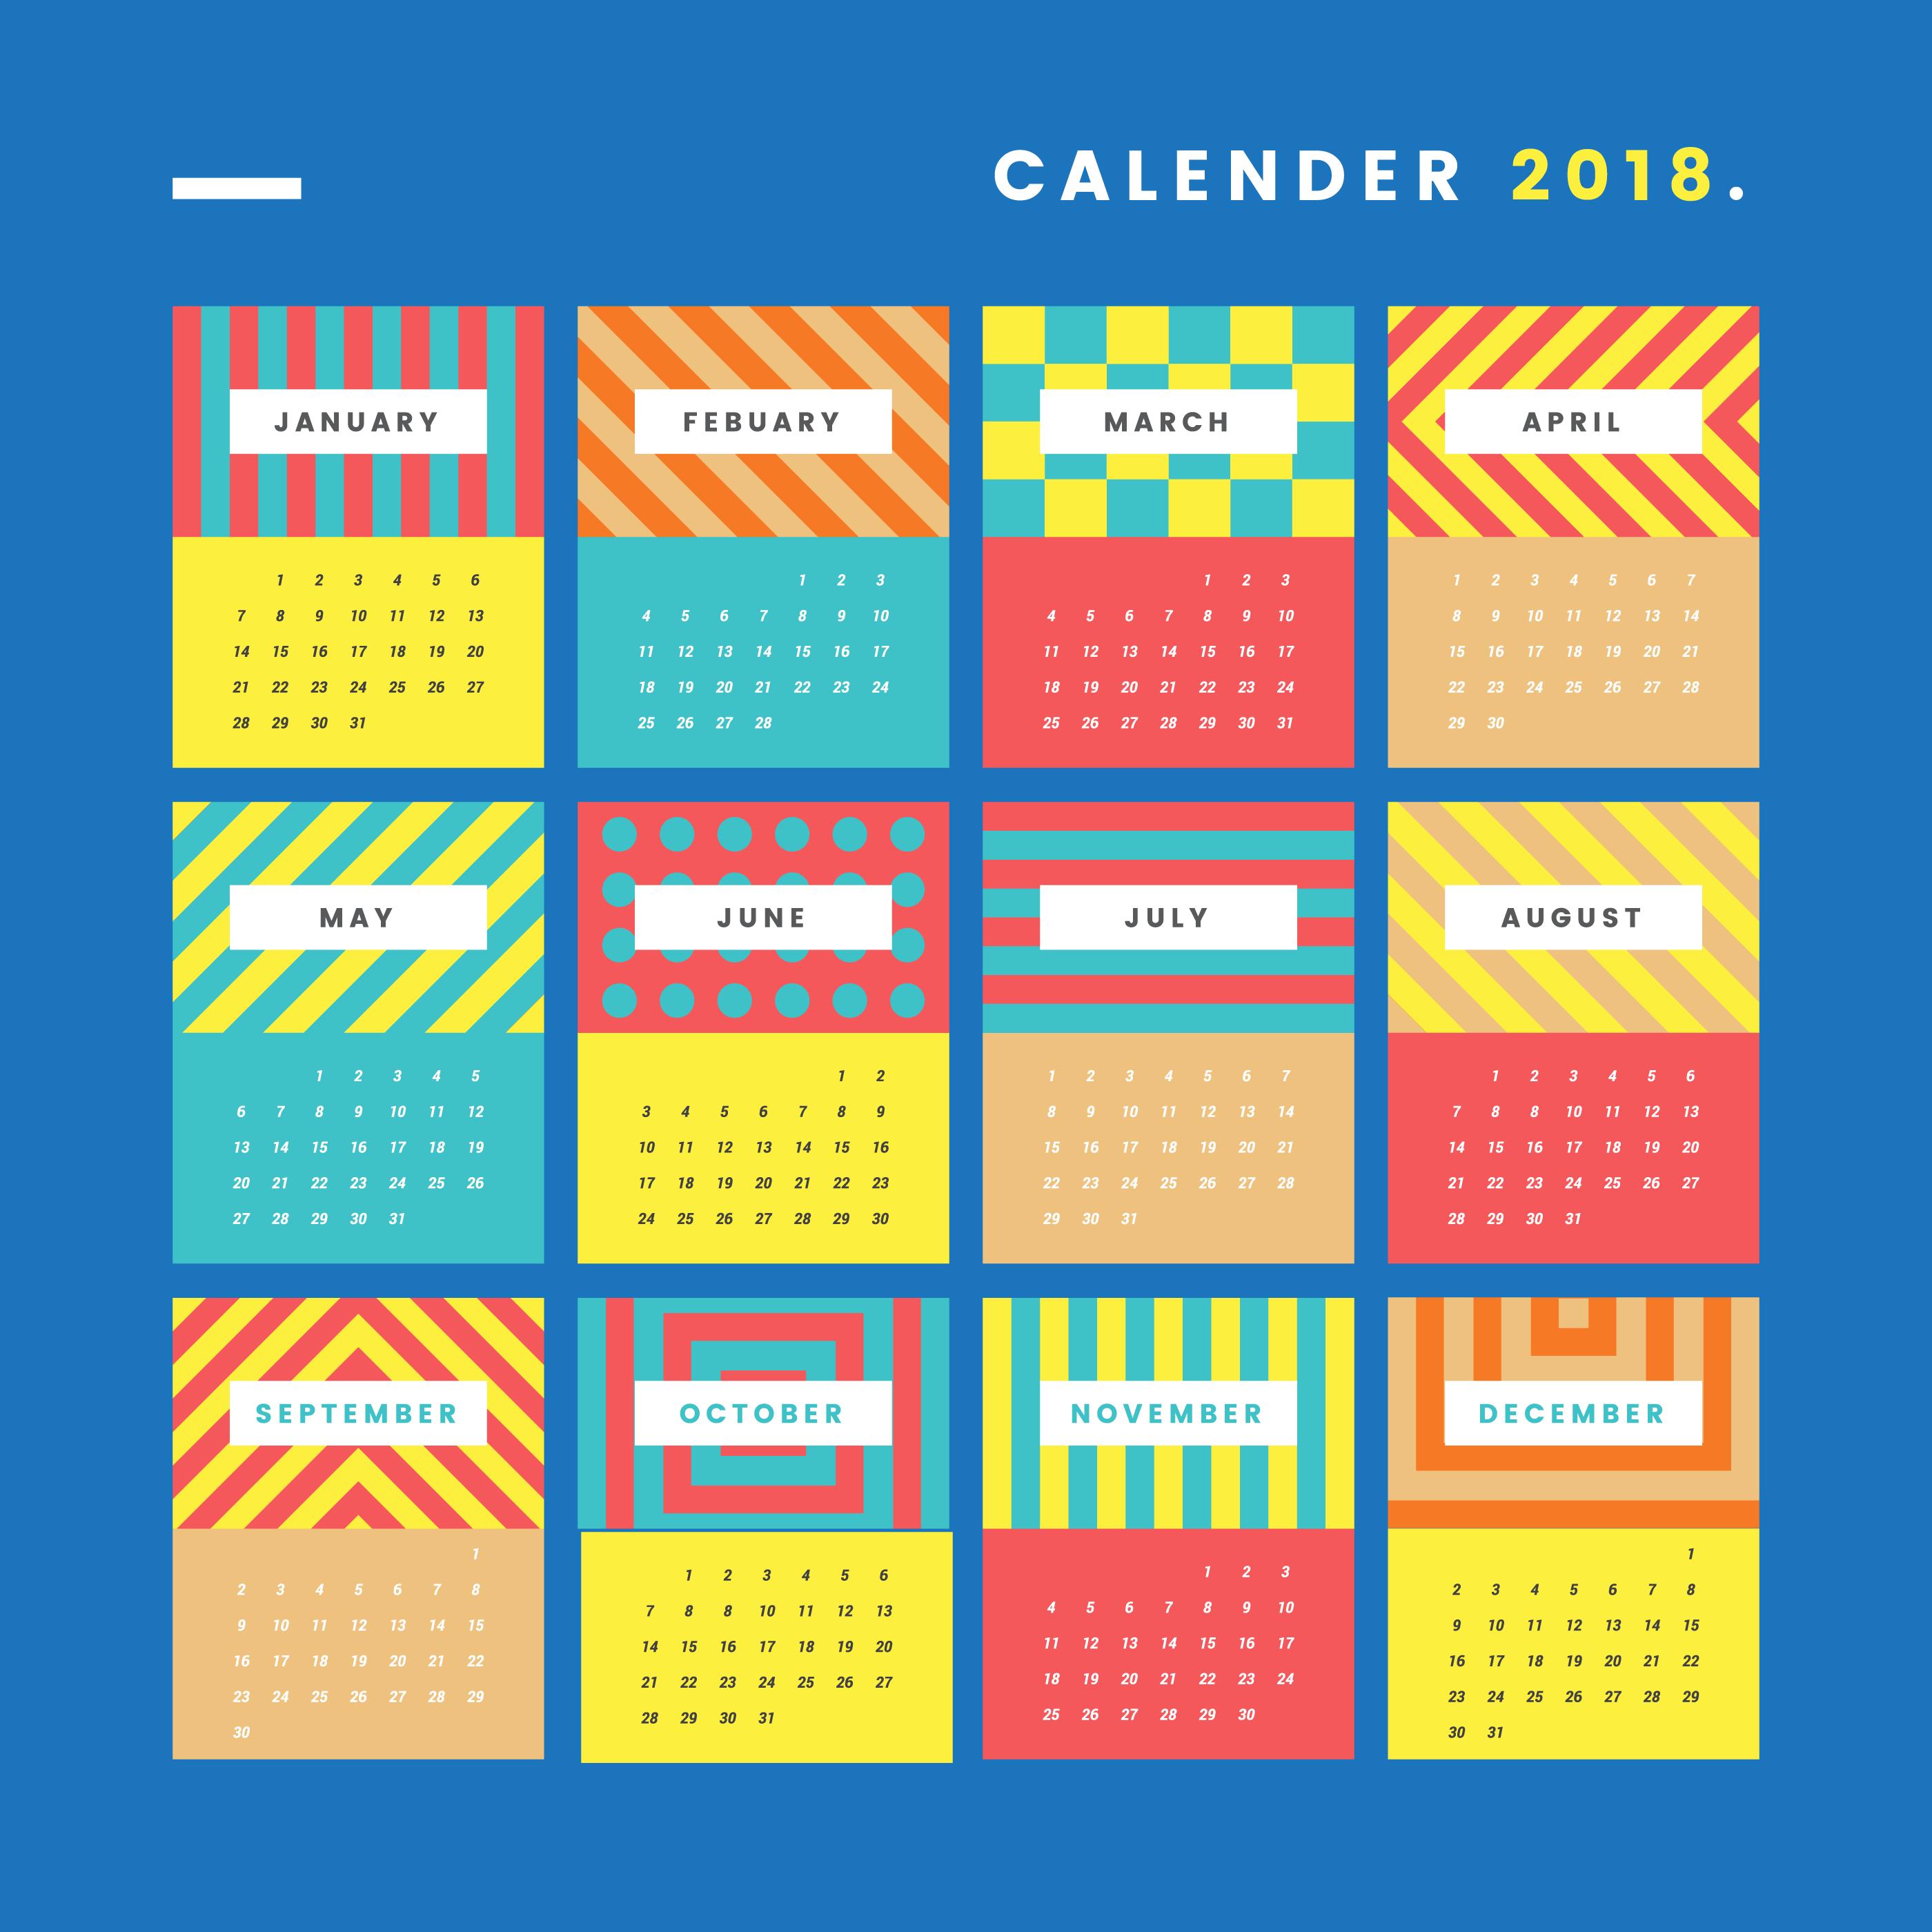 Calendario imprimible moderno - Descargue Gráficos y Vectores Gratis